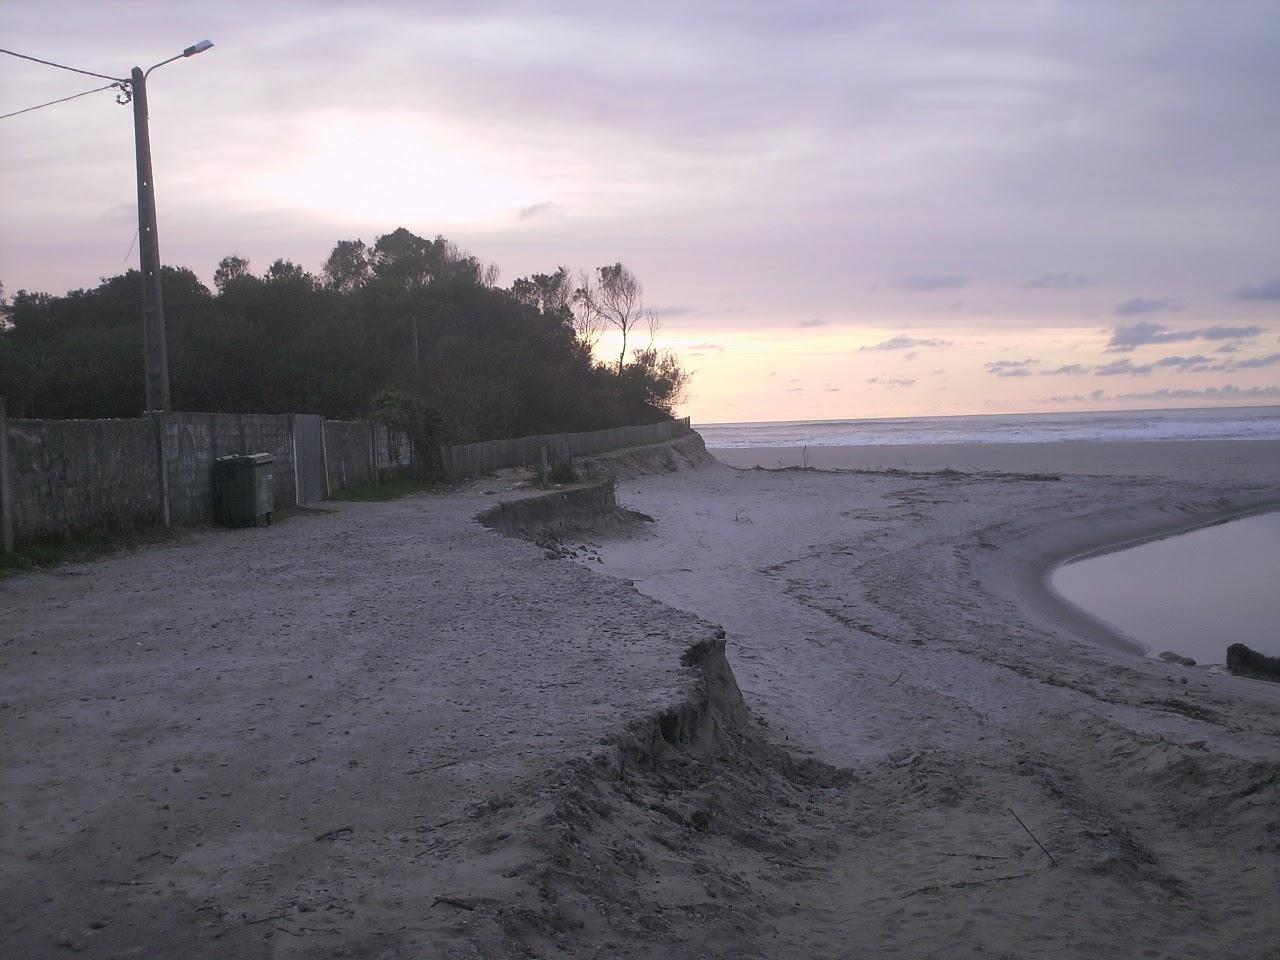 duna que foi destruida, junto ao mar